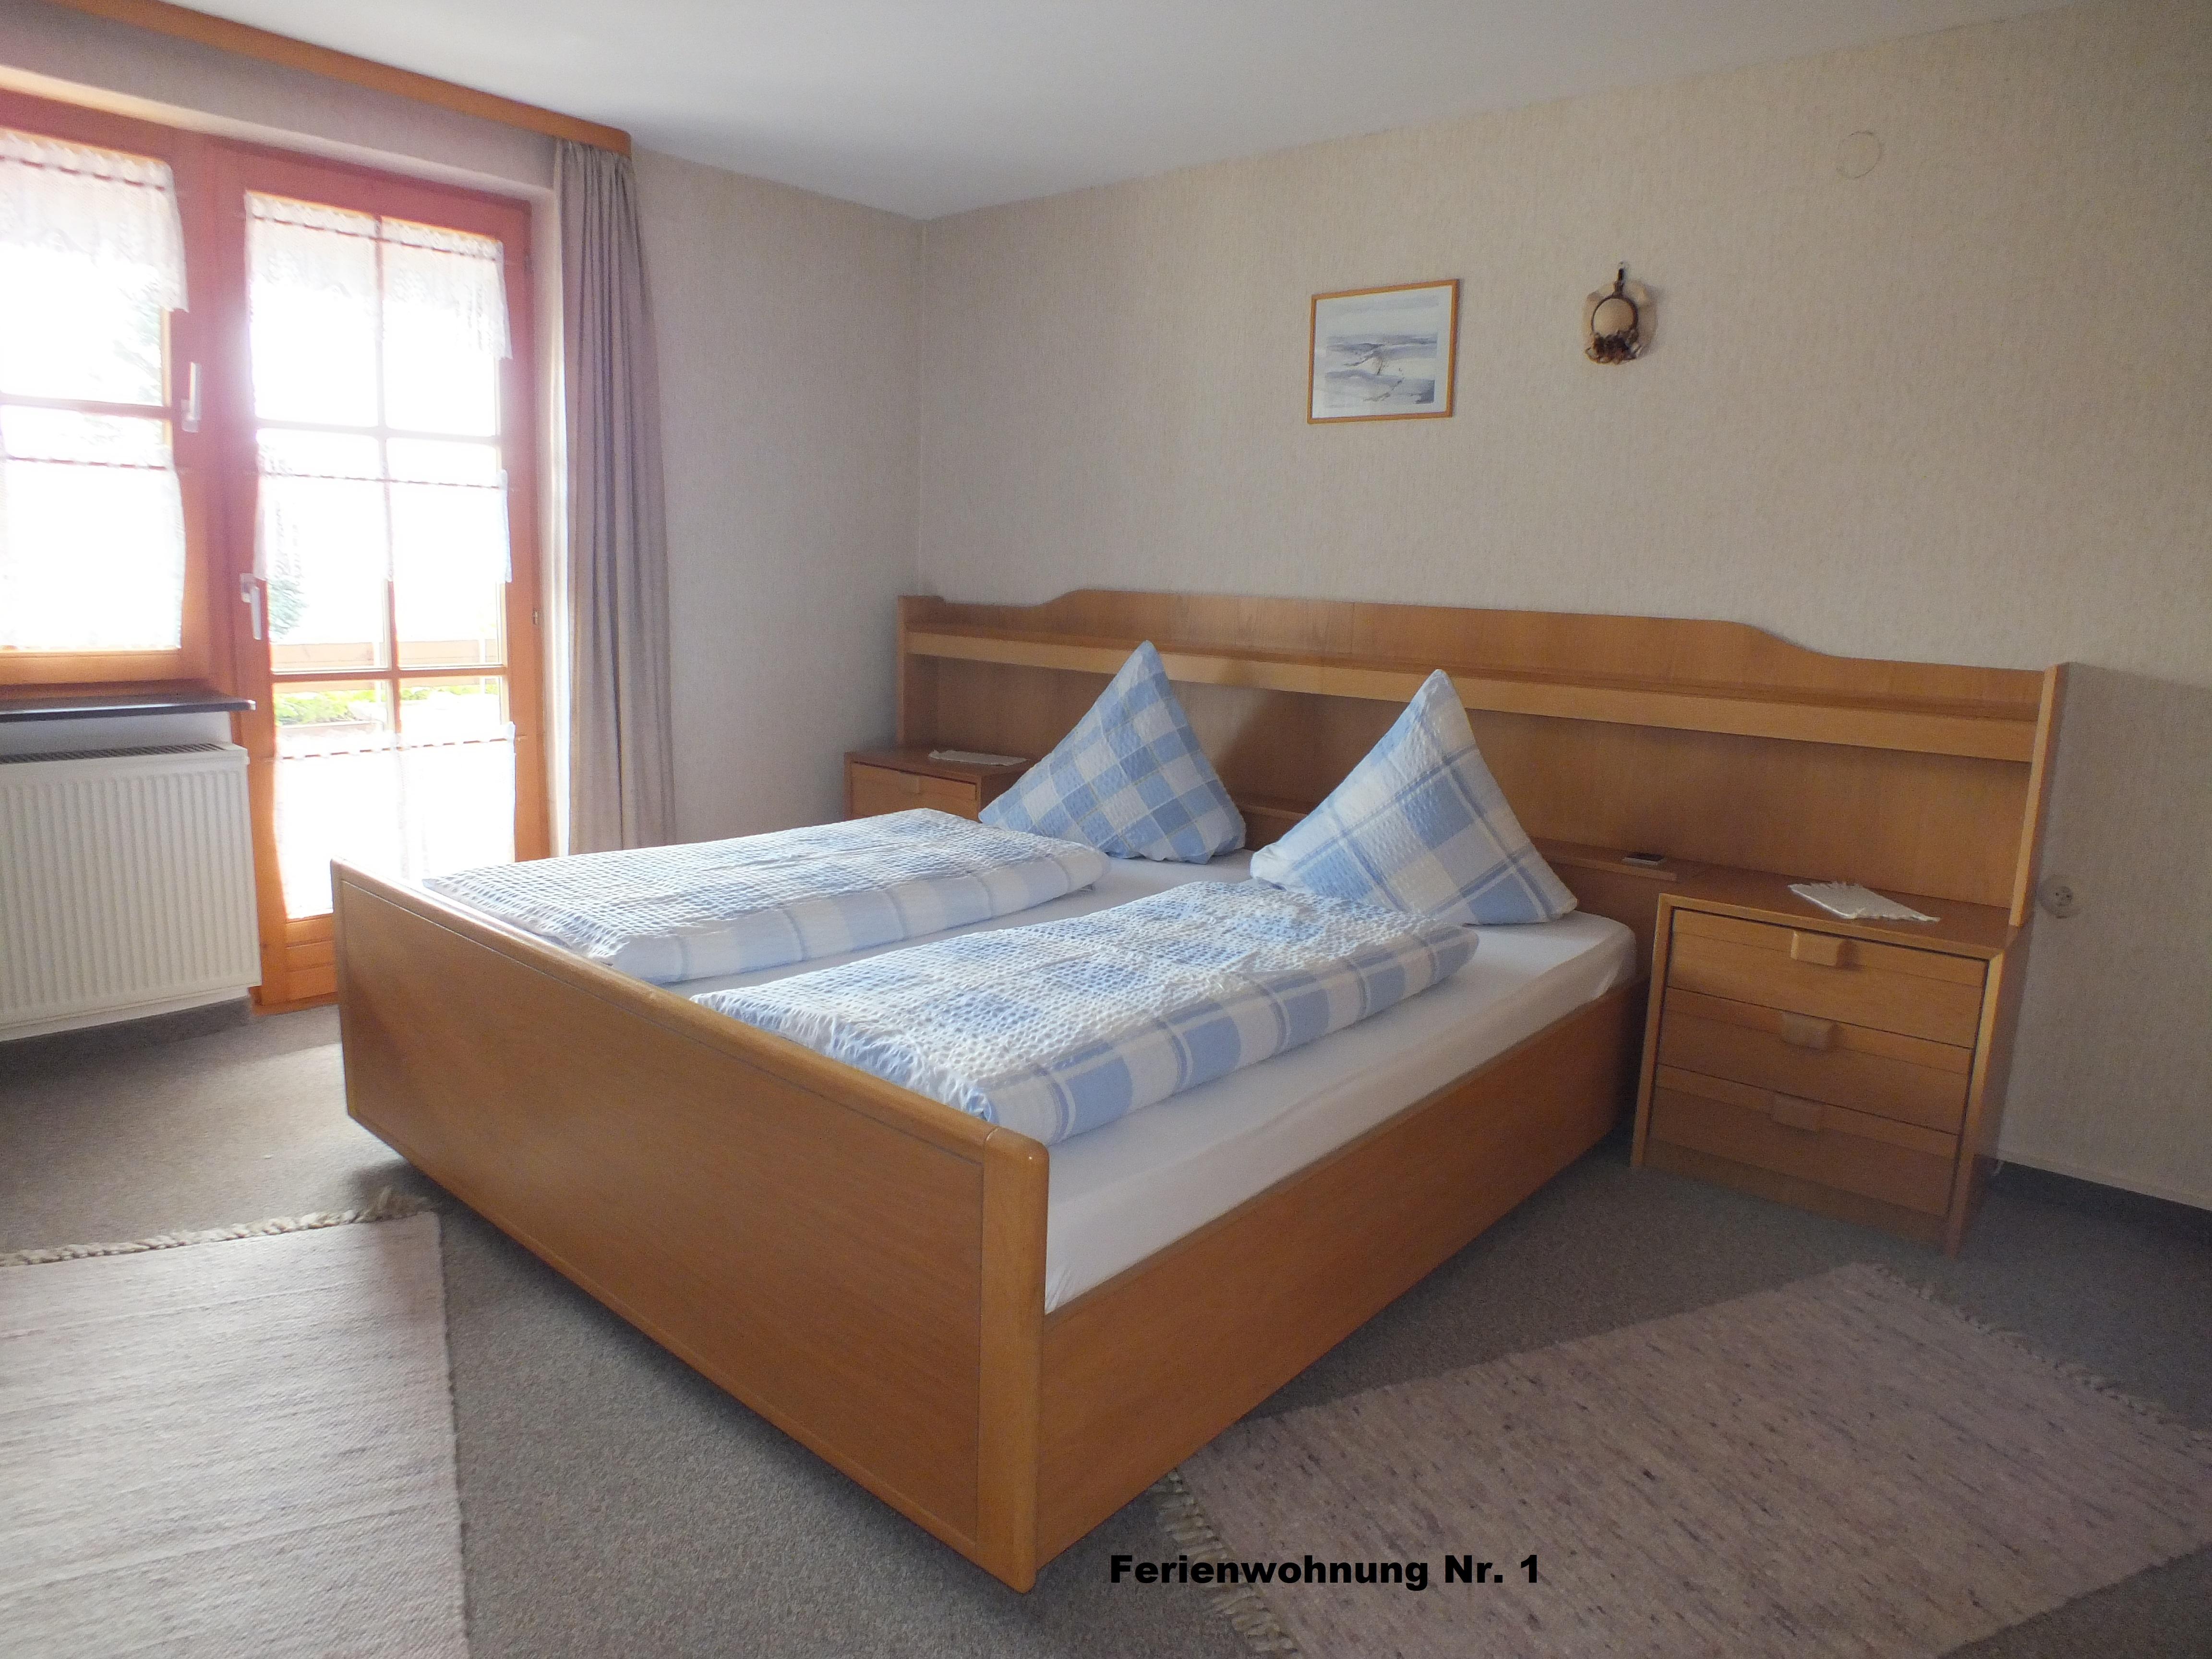 Gästehaus Fink, Ferienwohnung 1, Schlafzimmerraum